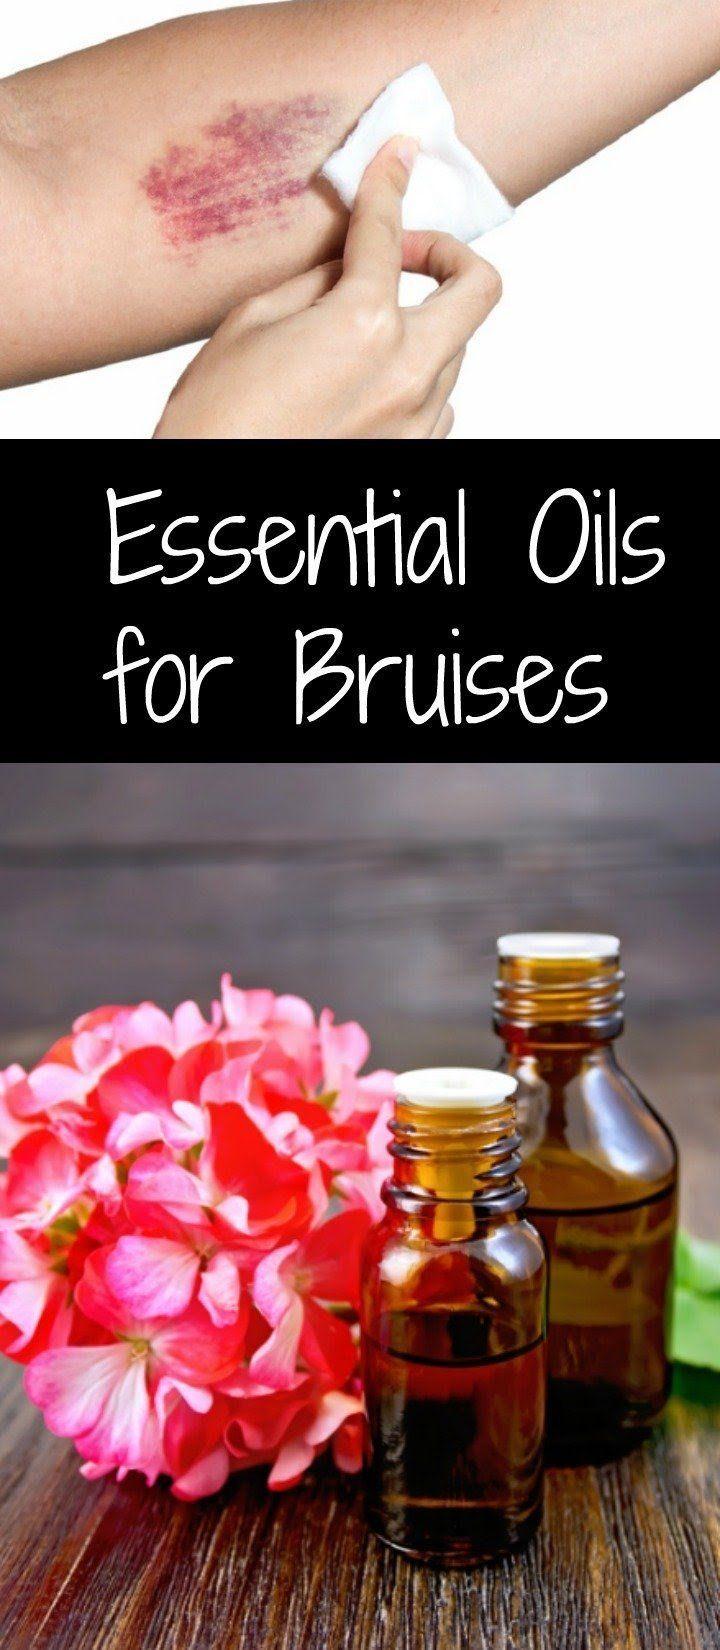 7 Essential Oils for Bruises